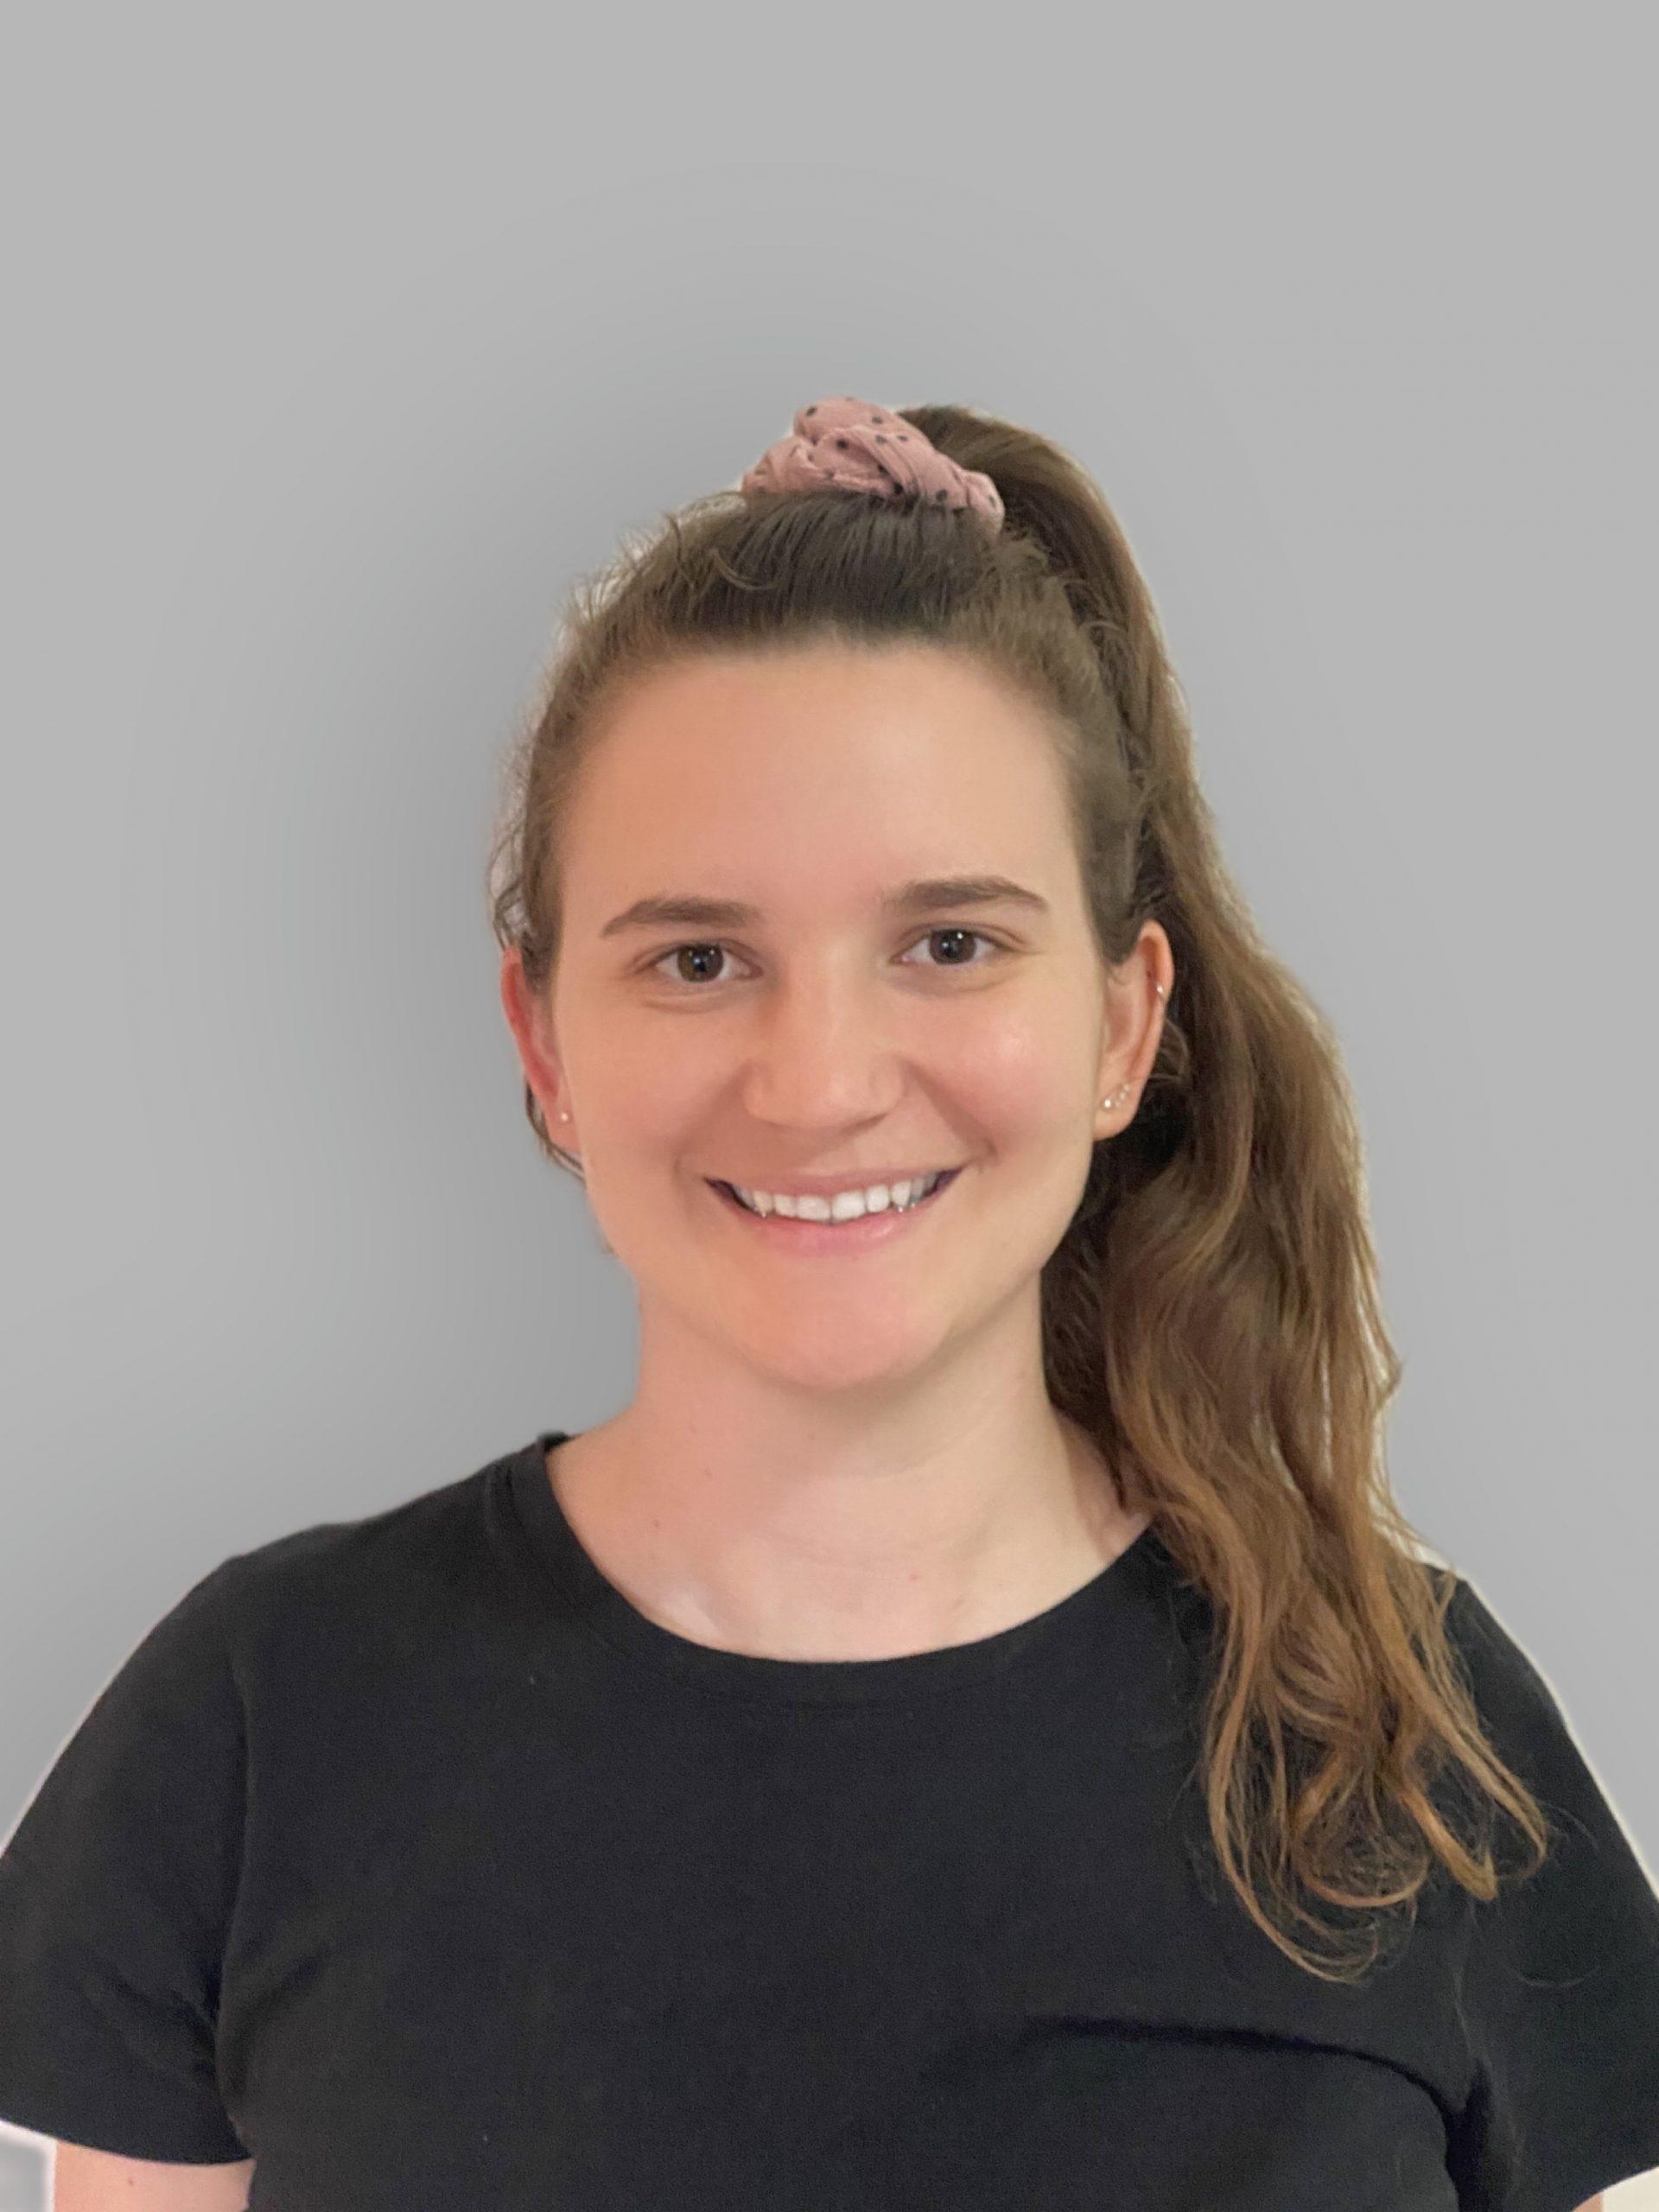 Erin Finucane, Morley, ORS